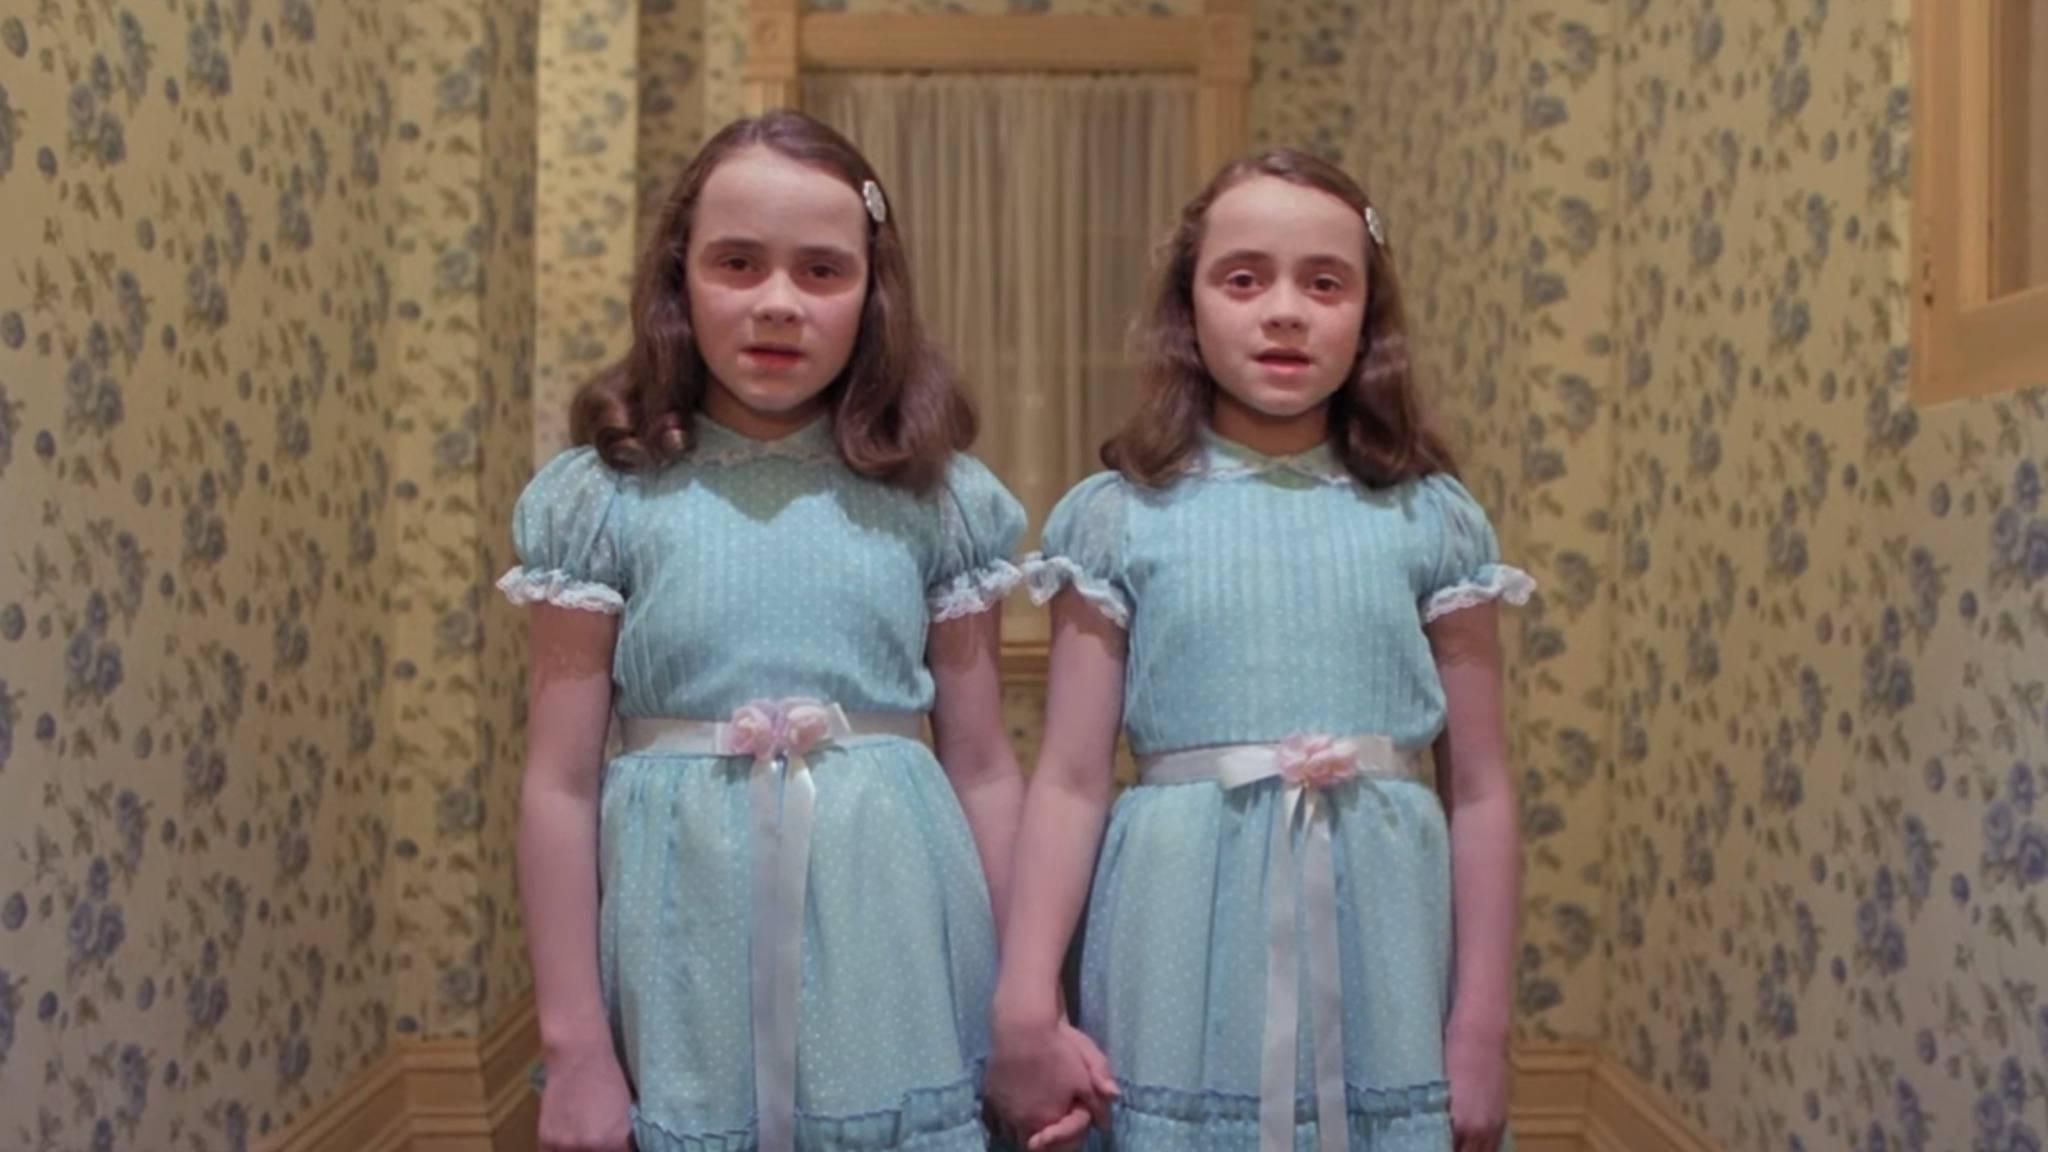 Die Grady-Twins zählen mit zu den gruseligsten Kindern aus Horror-Filmen.